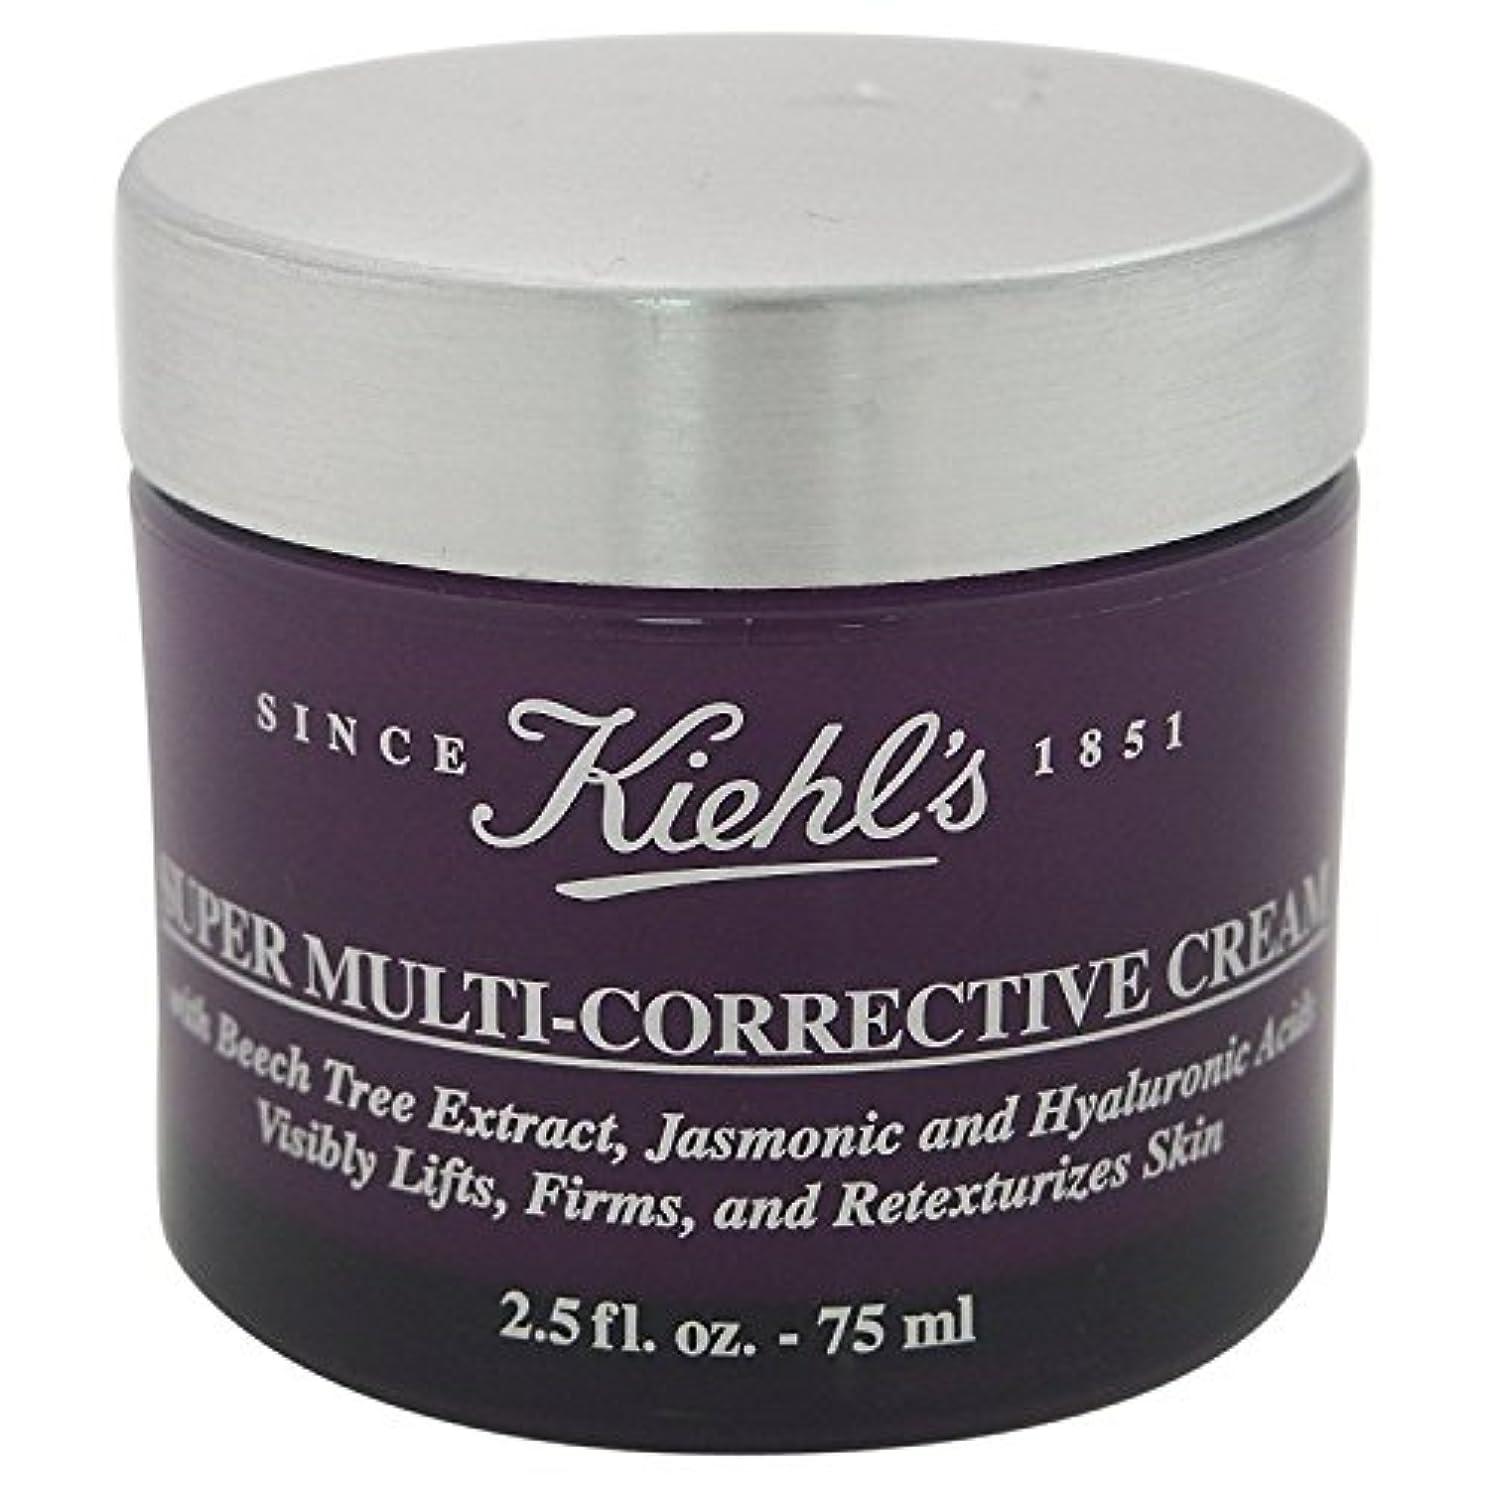 衣類かる割り当てキールズ(Kiehl's) スーパー マルチ コレクティブ クリーム 75ml[並行輸入品]